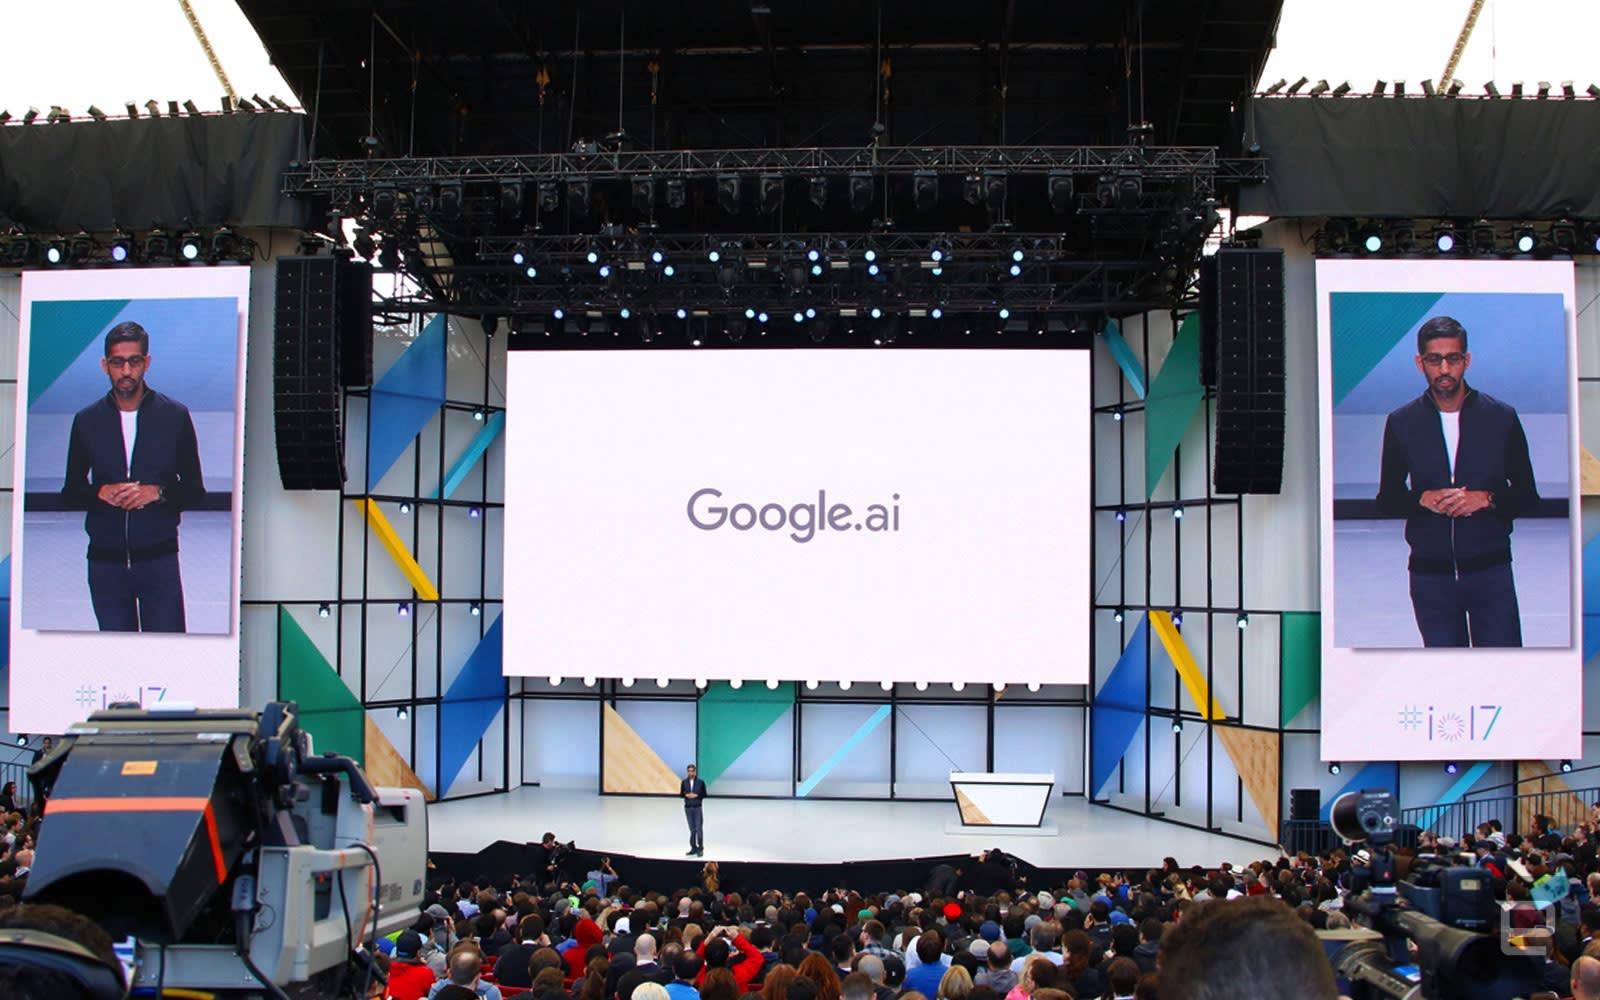 Google launches a massive open AI division